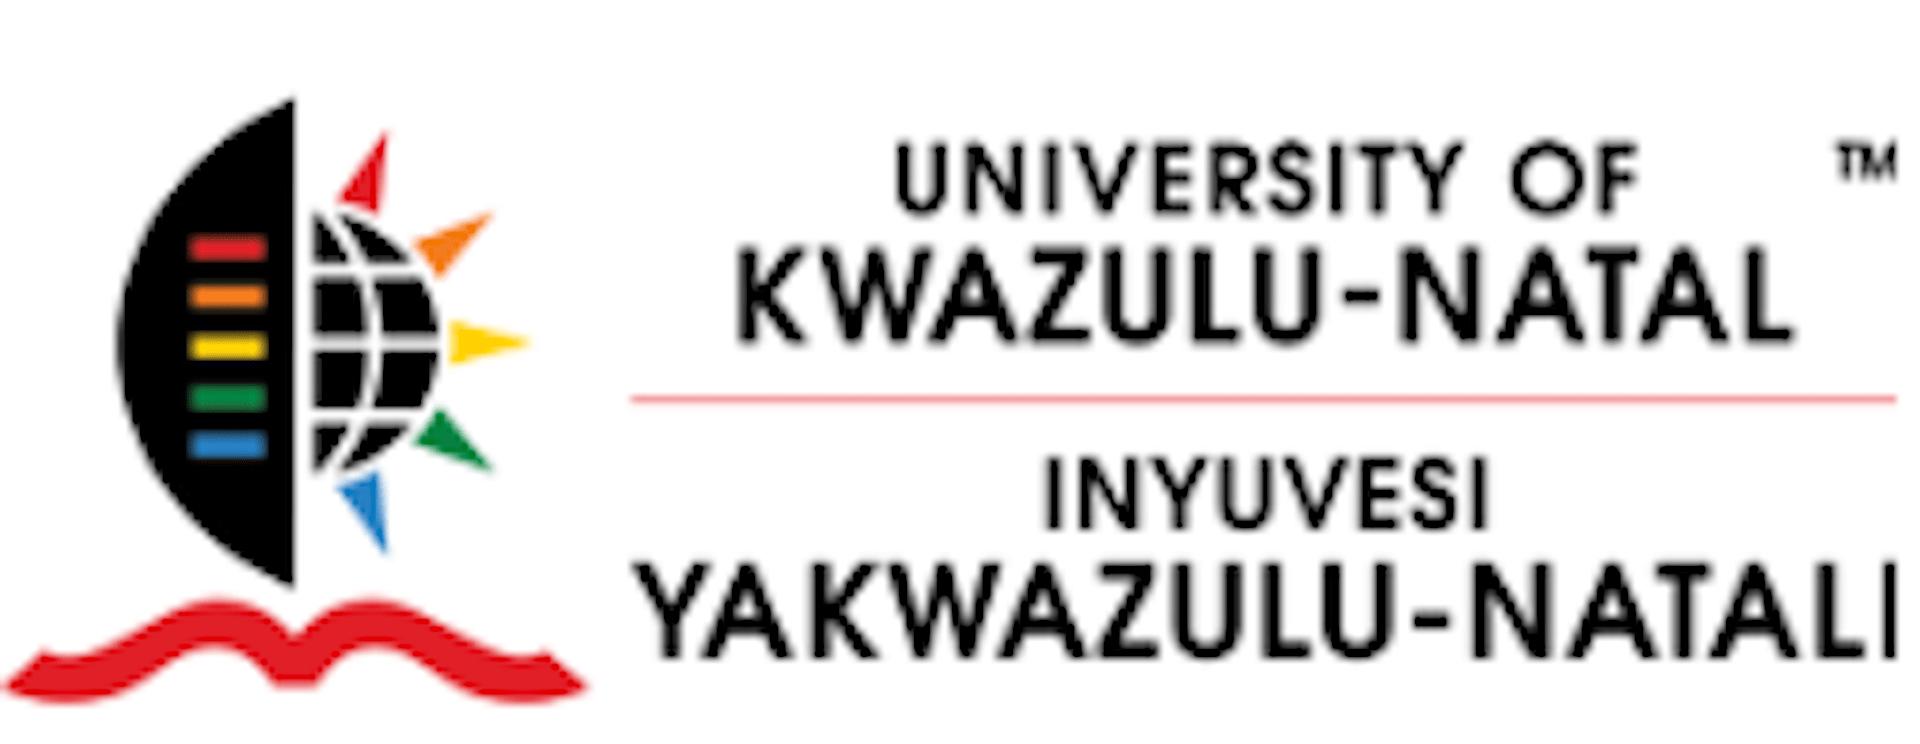 University of Kwa-Zulu Natal